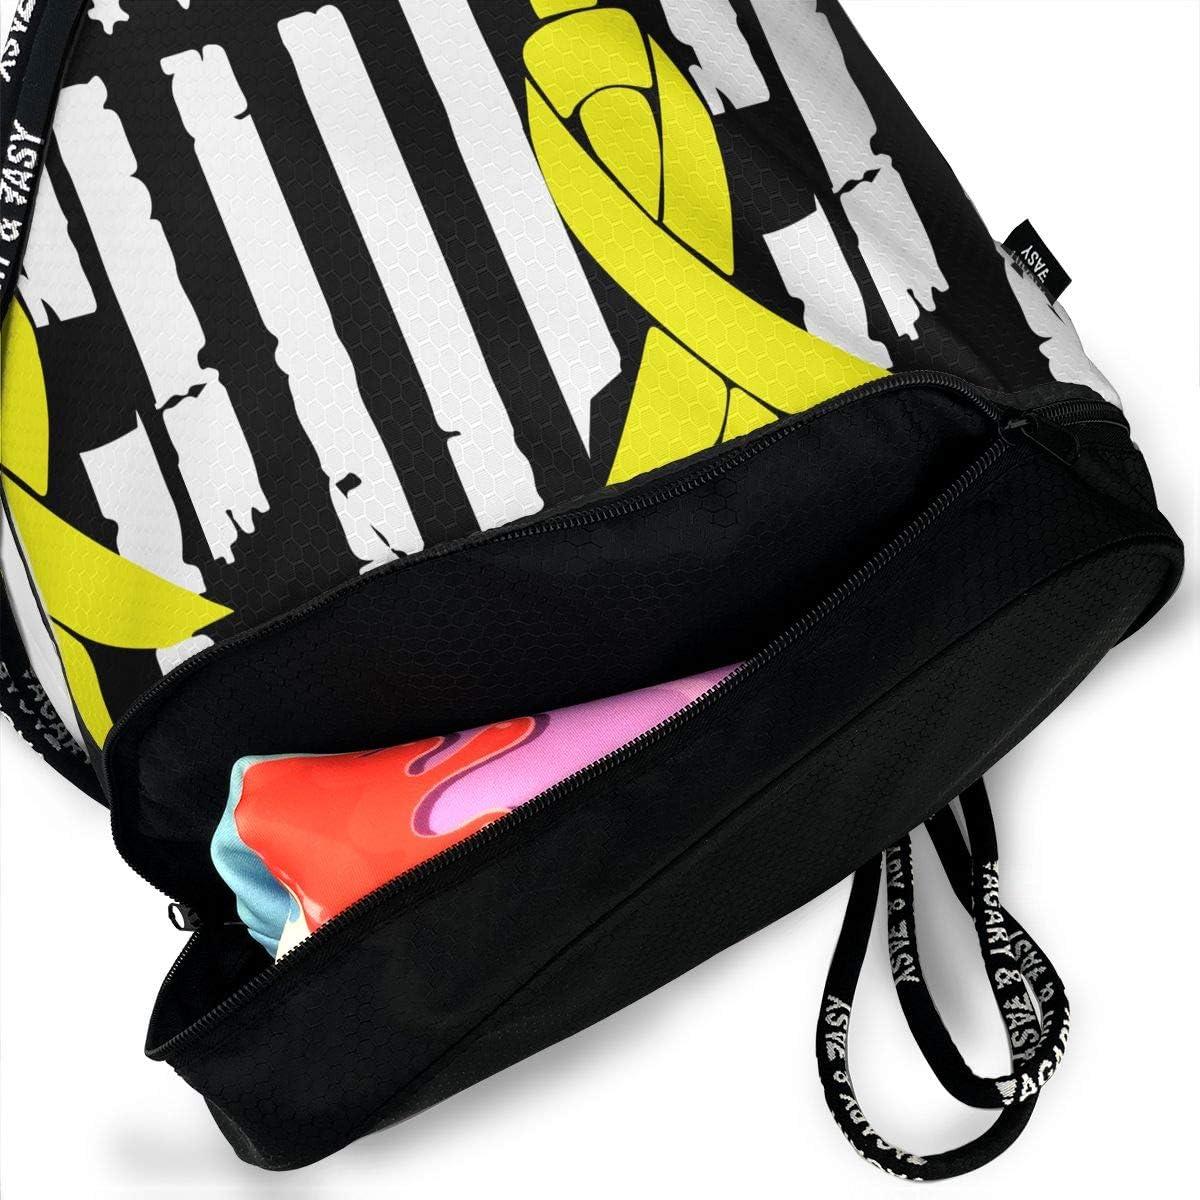 Bladder Cancer Awareness USA Flag-1 Drawstring Bag Multifunctional String Backpack Custom Cinch Backpack Rucksack Gym Bag